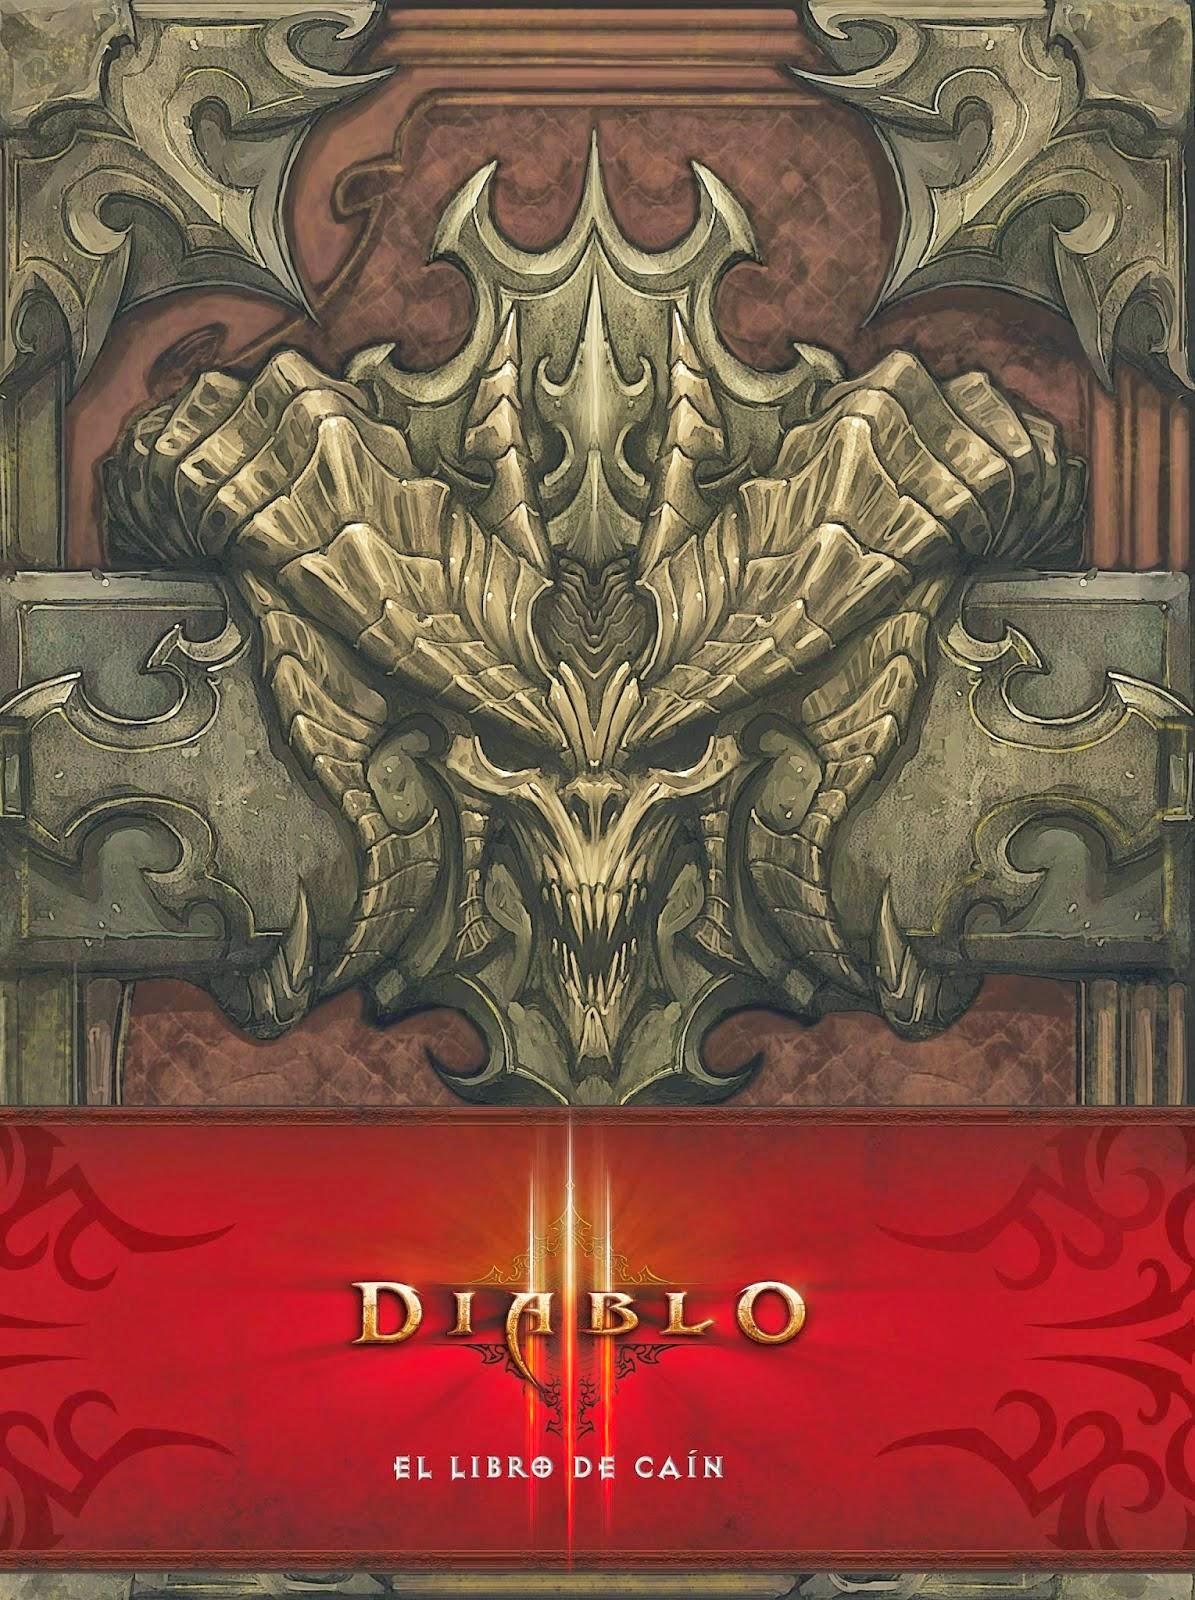 cc043978ef Según la saga Diablo, existe una profecía que anuncia la lucha entre los  Altos Cielos y los Infiernos Abrasadores con la humanidad atrapada en medio.